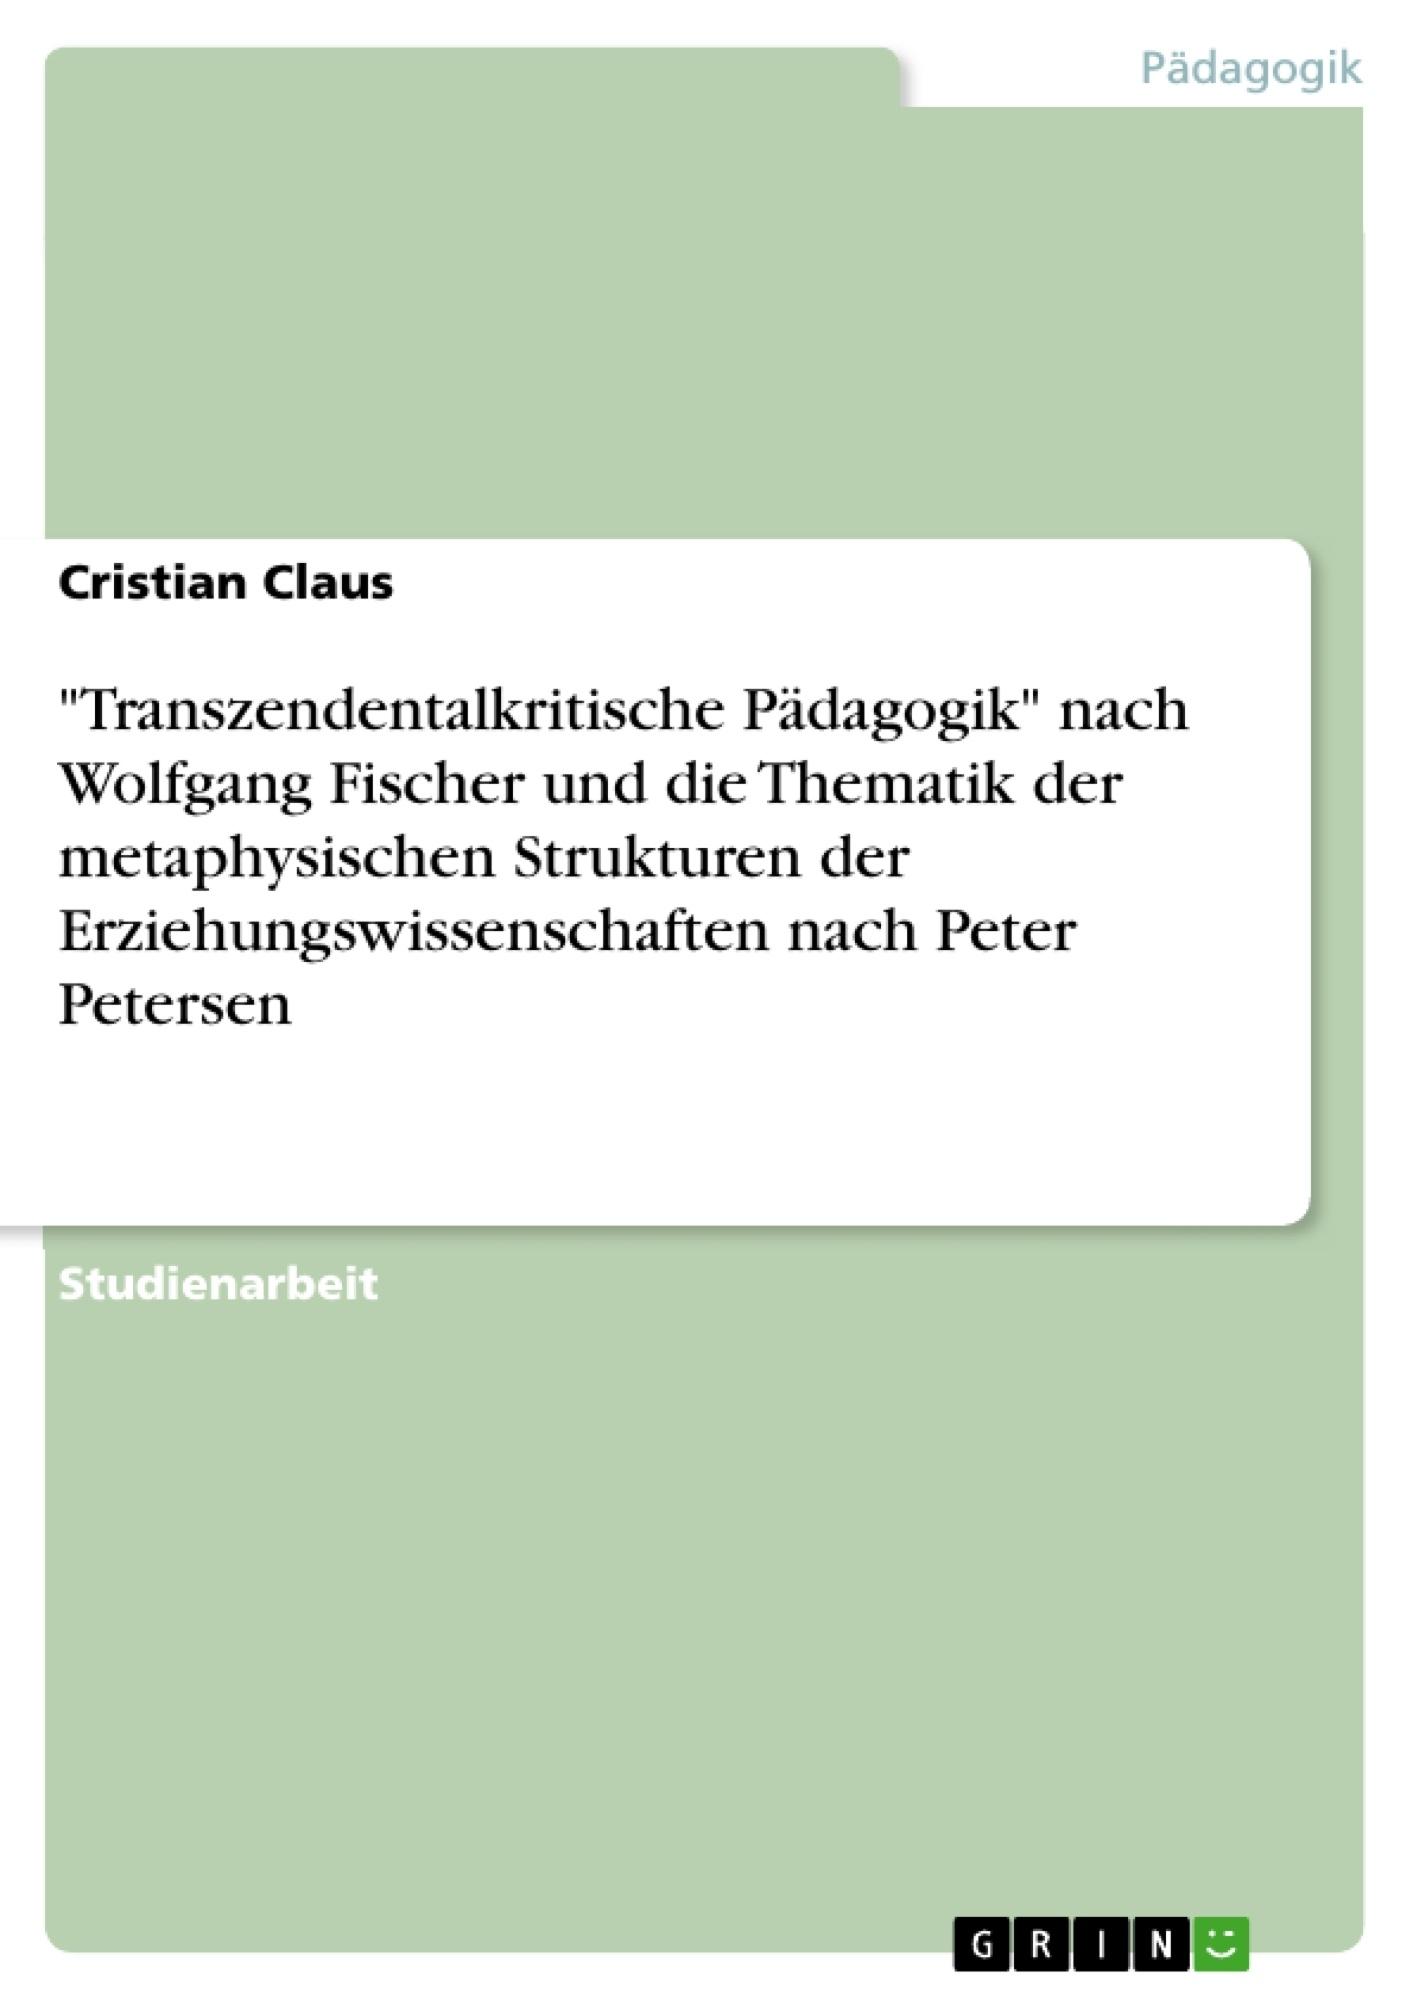 """Titel: """"Transzendentalkritische Pädagogik"""" nach Wolfgang Fischer und die Thematik der metaphysischen Strukturen der Erziehungswissenschaften nach Peter Petersen"""